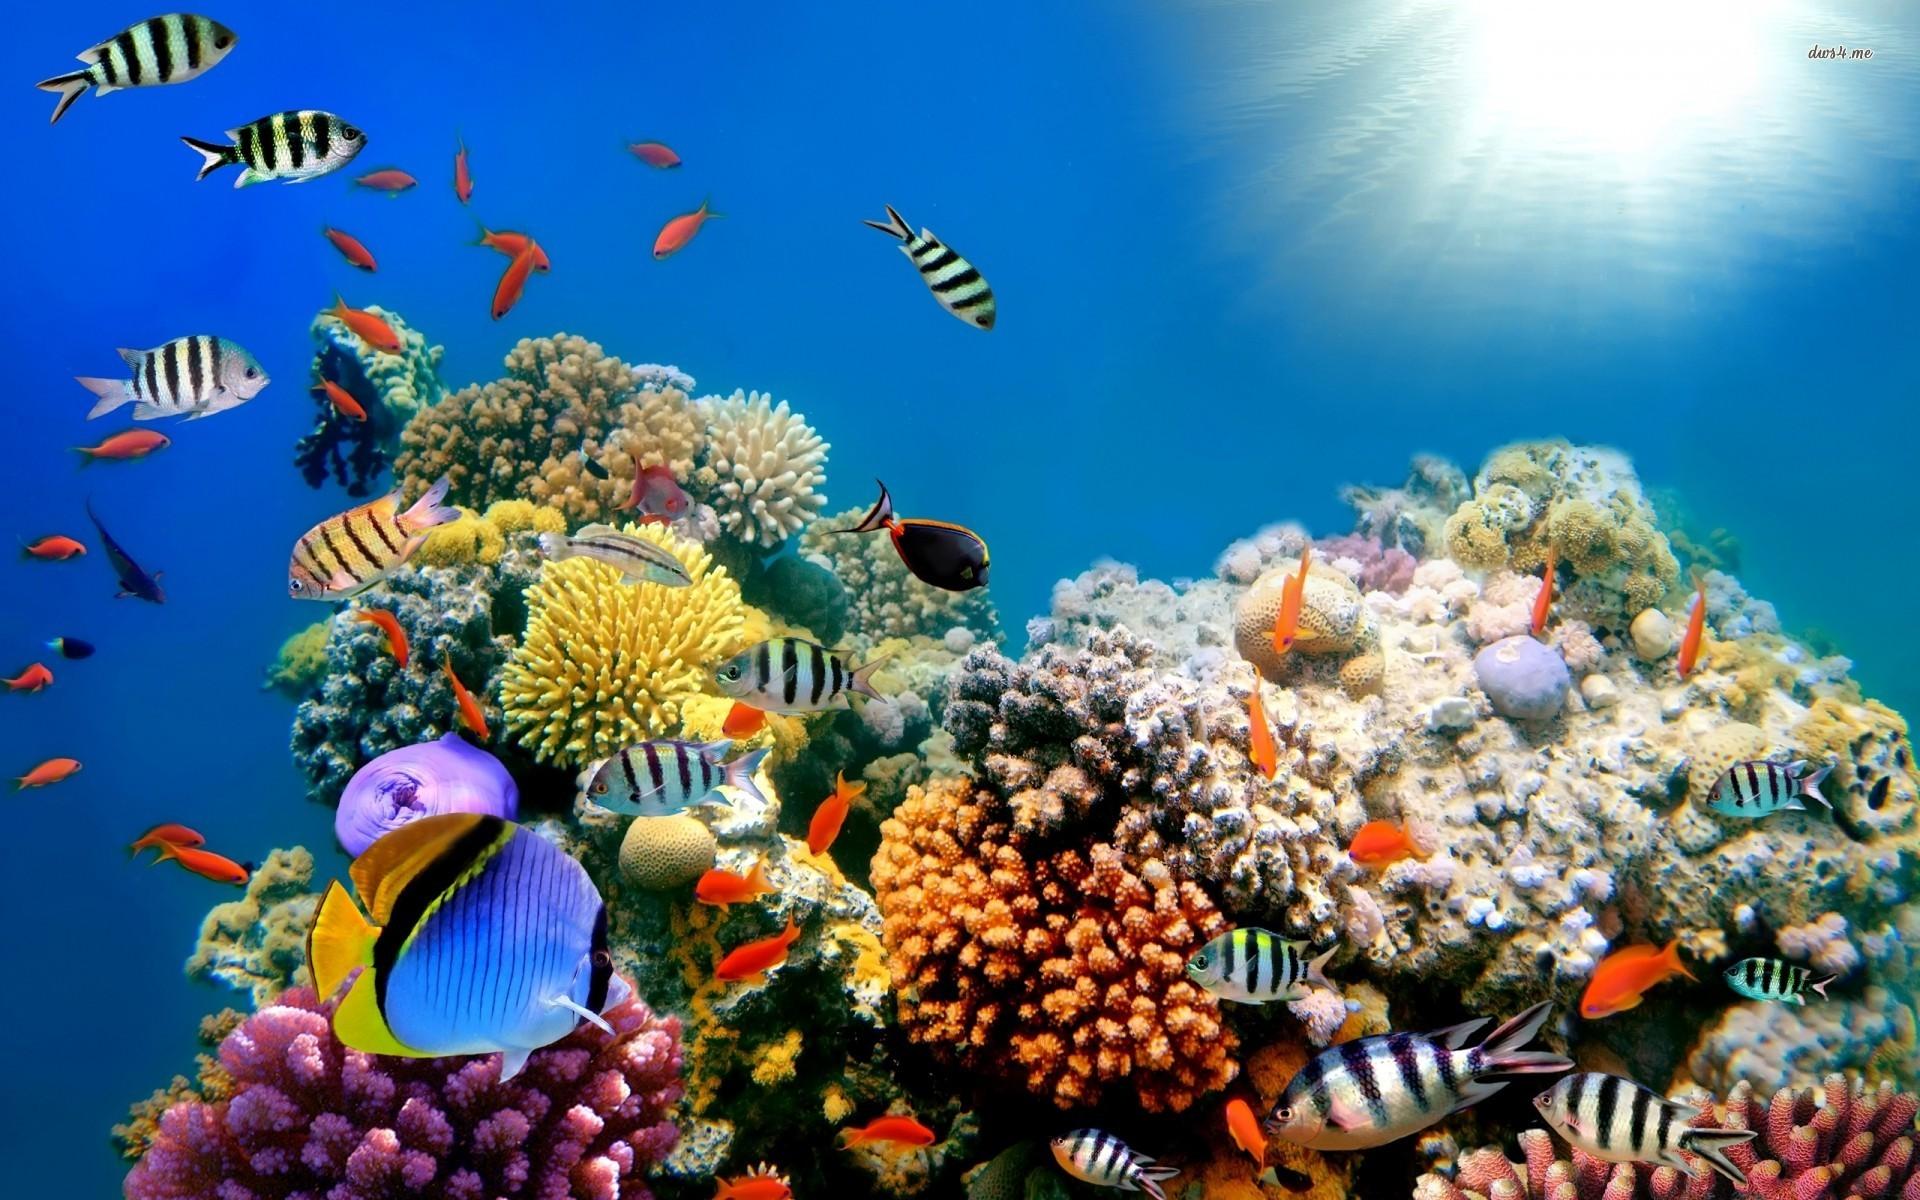 Striped Sheepshead fish , Coral Reef , Goldfish, Powder B...